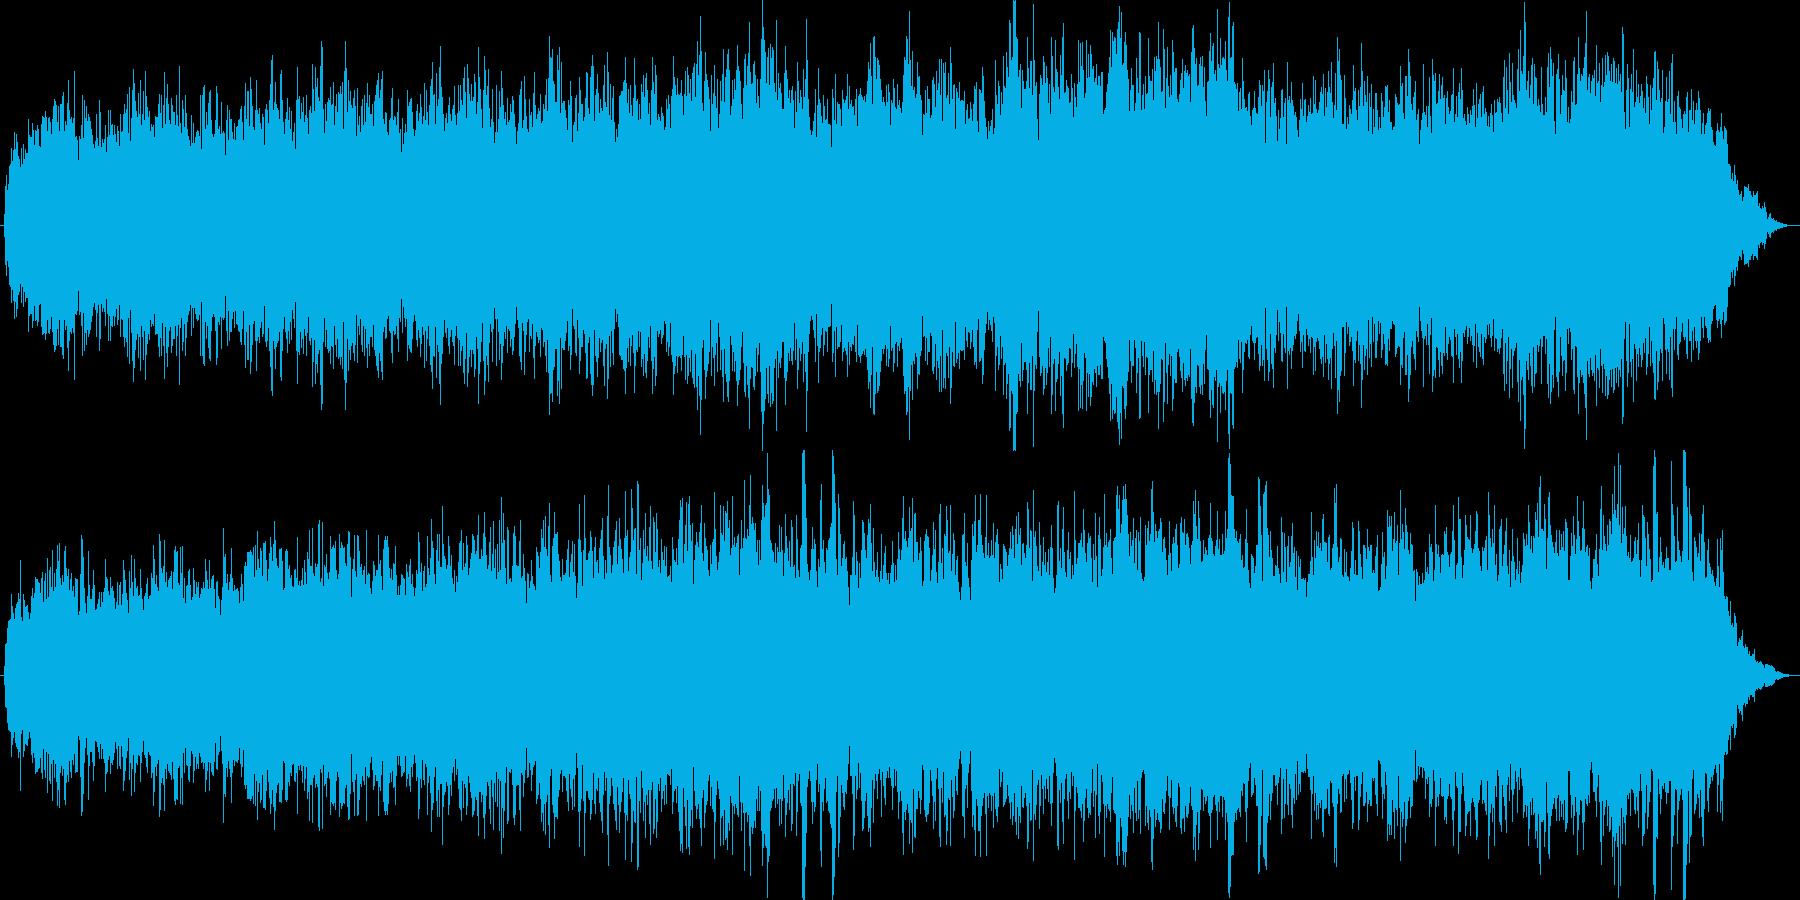 幻想的で透明感のあるアンビエントの再生済みの波形